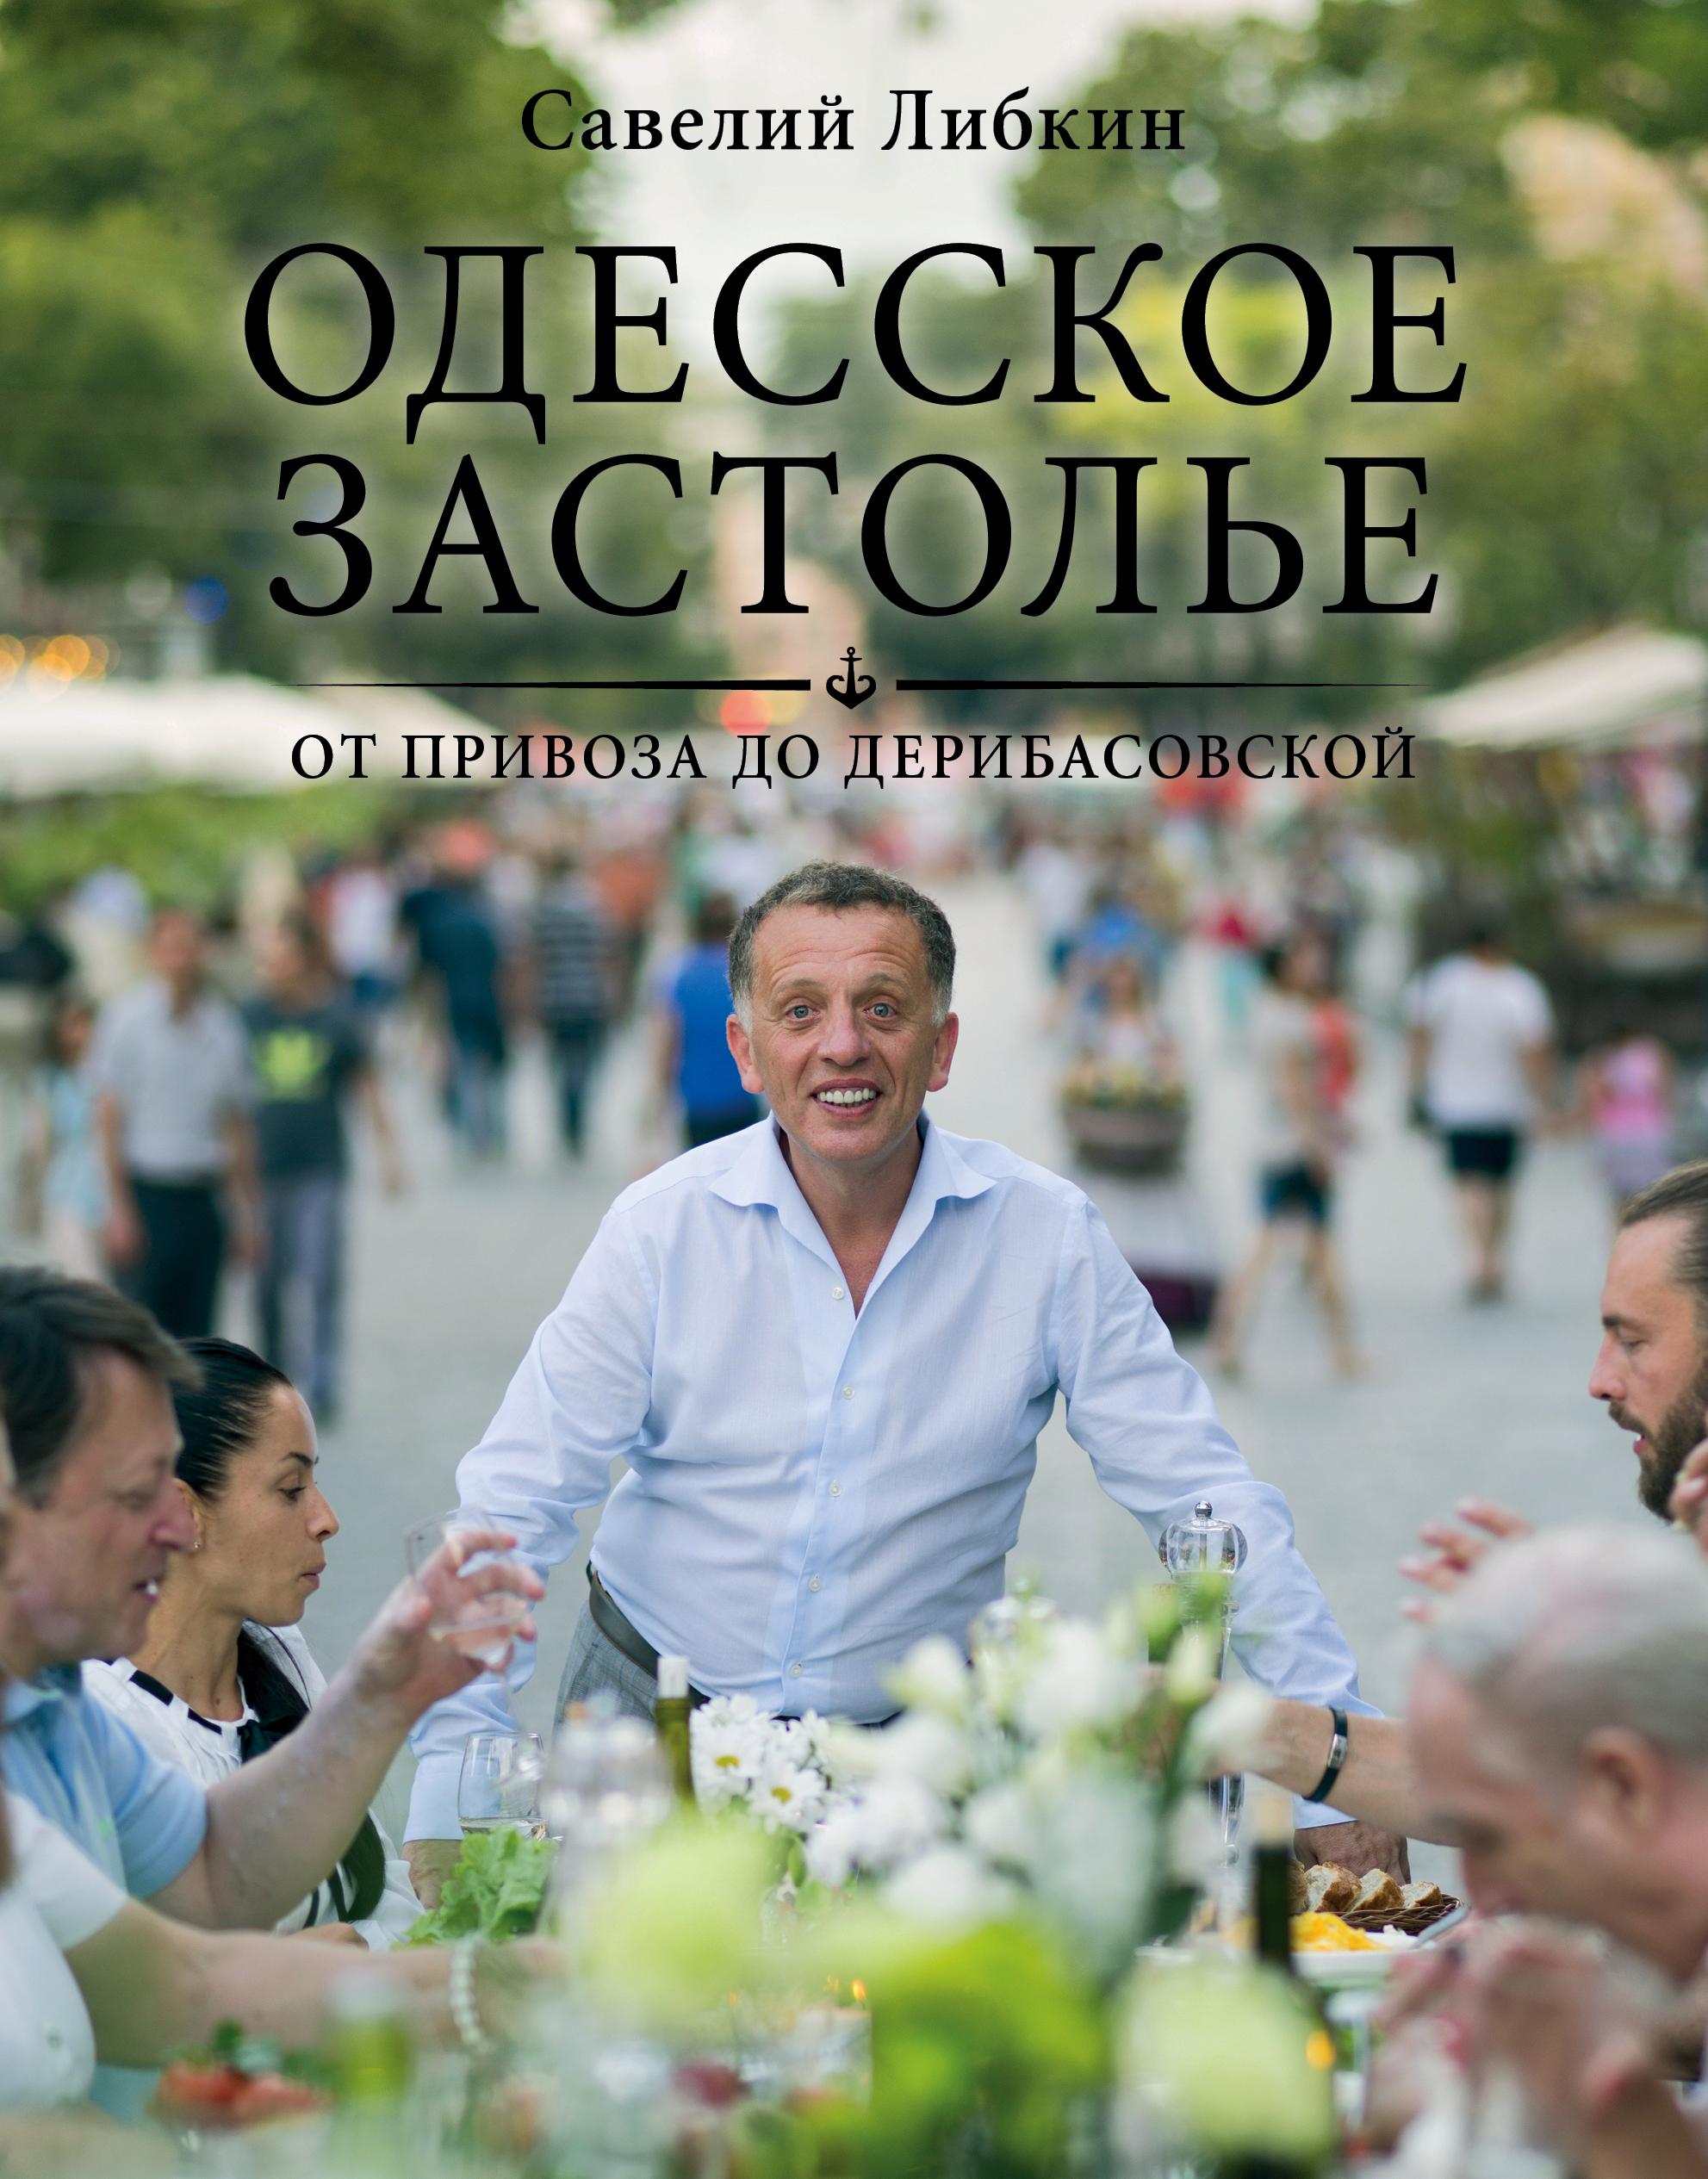 Одесское застолье от Привоза до Дерибасовской